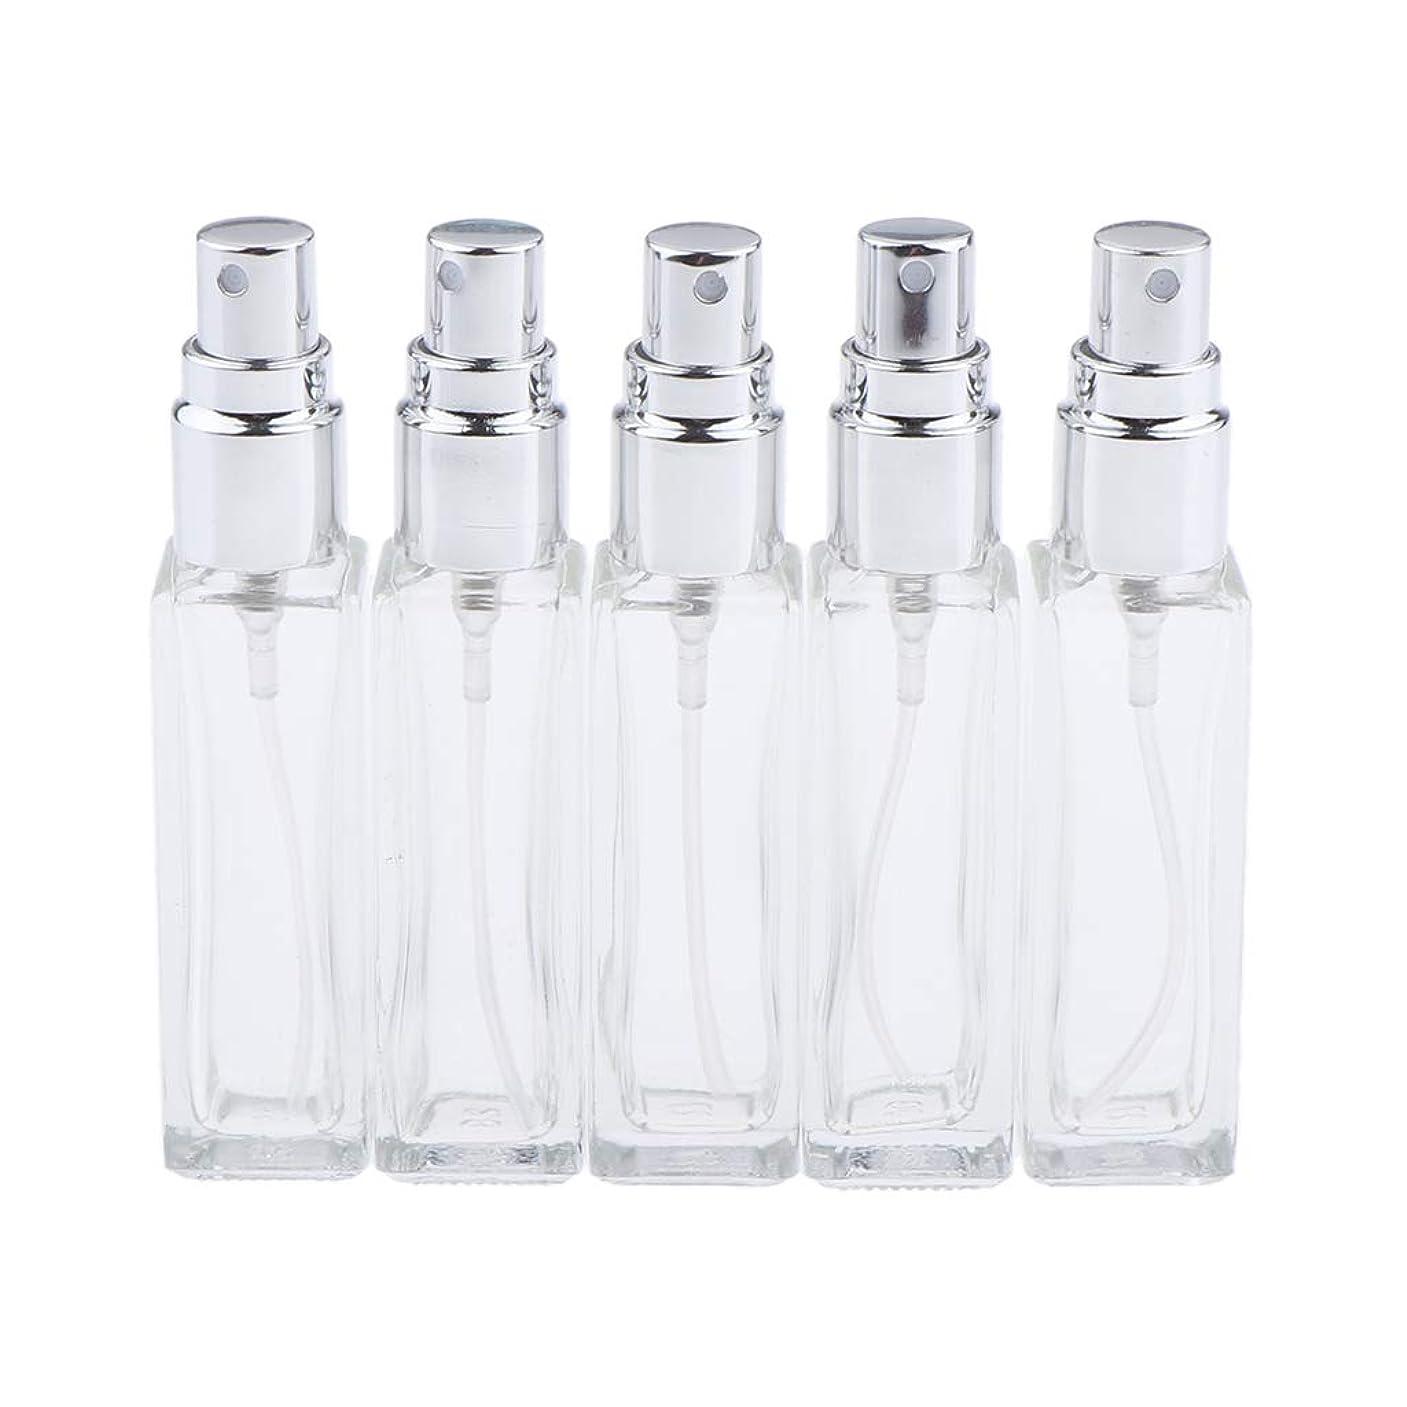 教室知り合い以上Sharplace 香水ボトル ガラス コスメ 詰替え容器 5本 3色選べ - シルバー